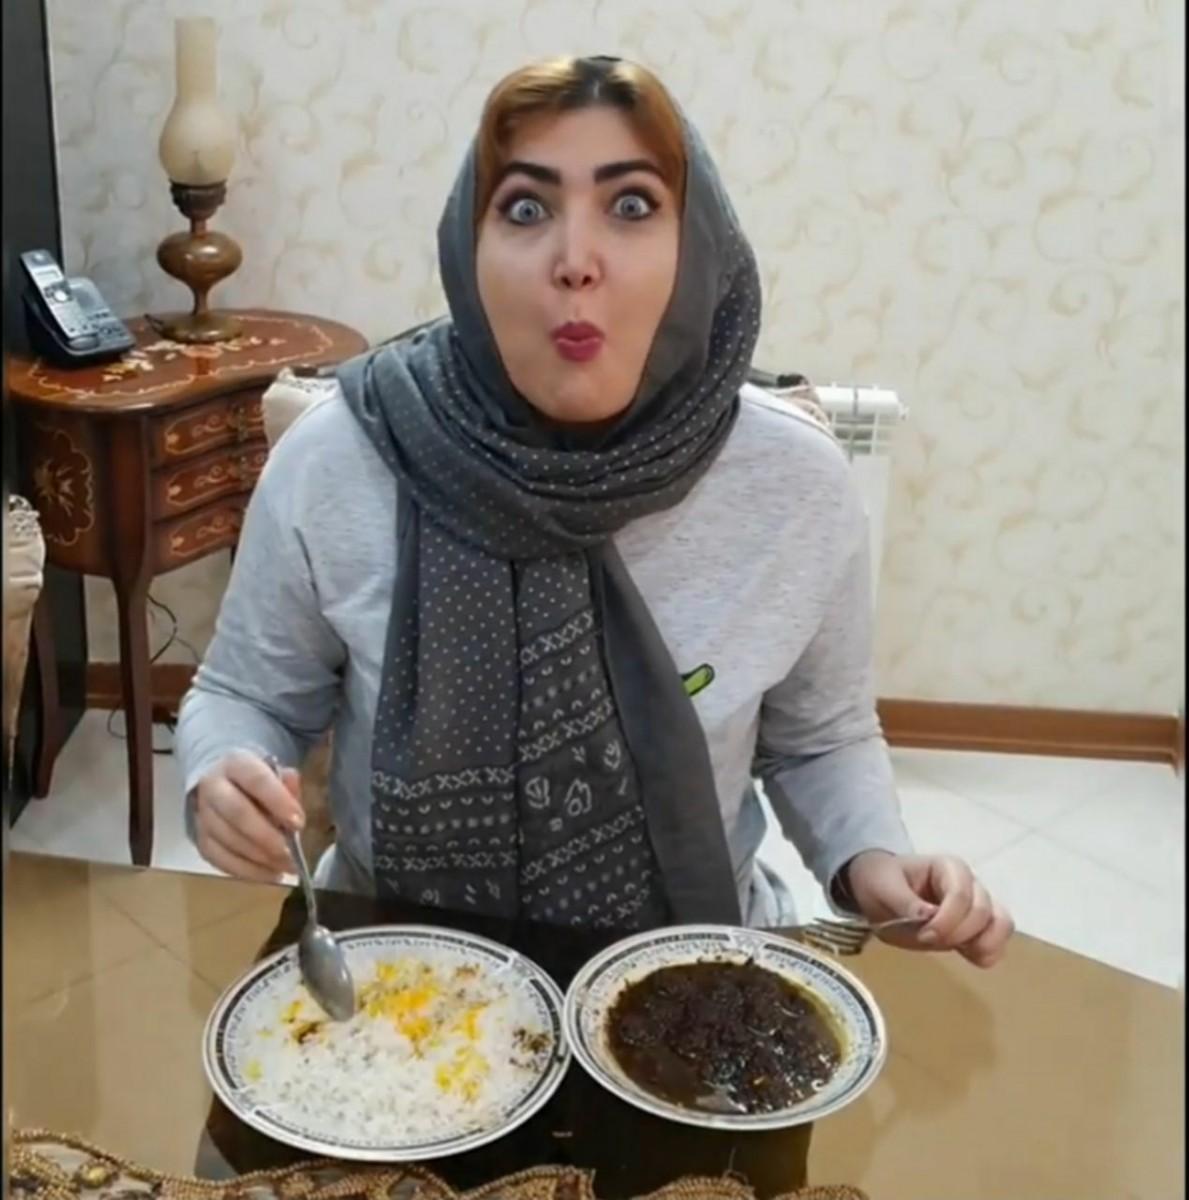 7 تستر غذای اینستاگرام برای فالو کردن+تاریخچه تیسترهای ایرانی